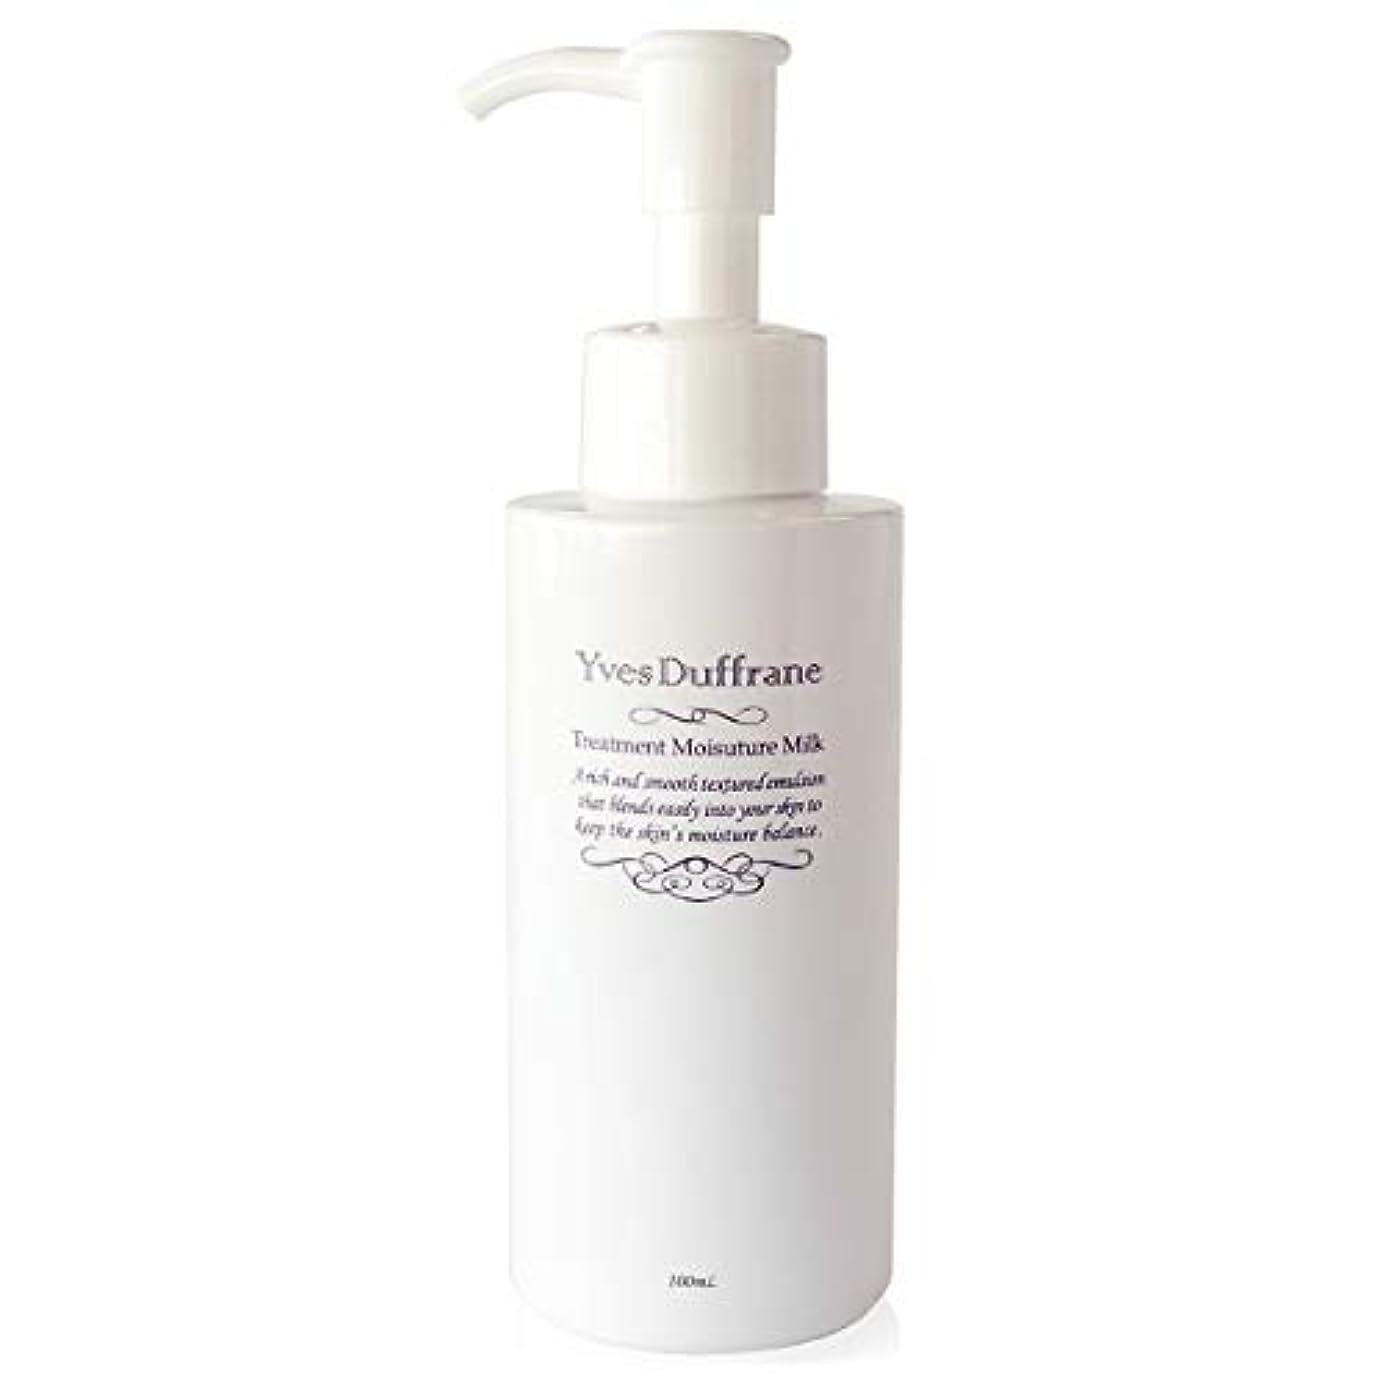 弱めるカメラ共和国乳液/セラミド アミノ酸 配合 [ 美容乳液 ] 増粘剤不使用 保湿 乾燥?敏感肌対応